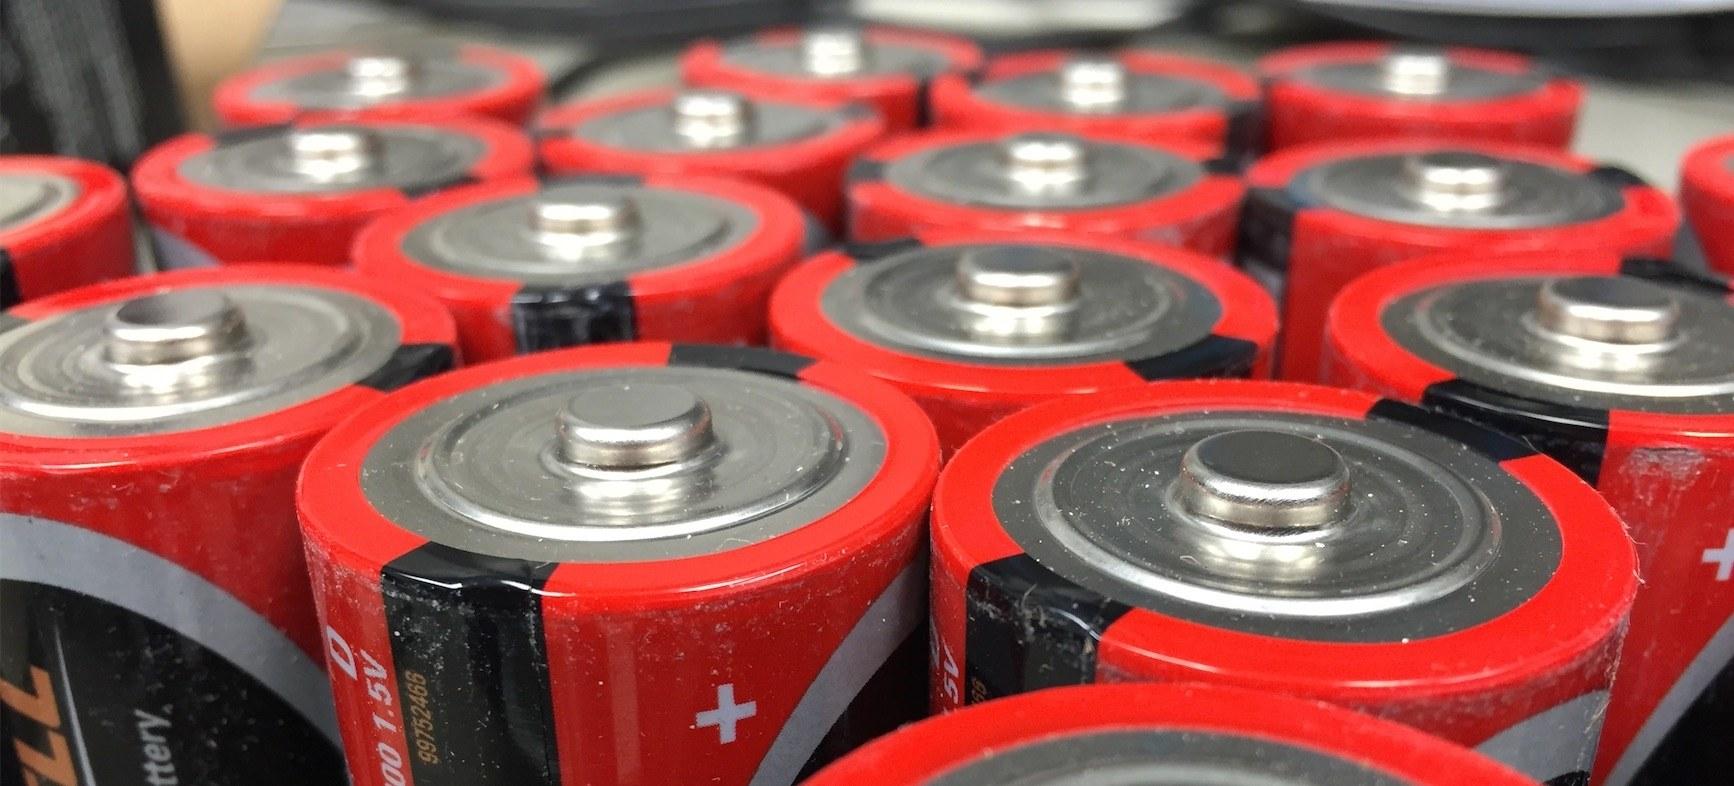 stapelbare-batterij.jpg